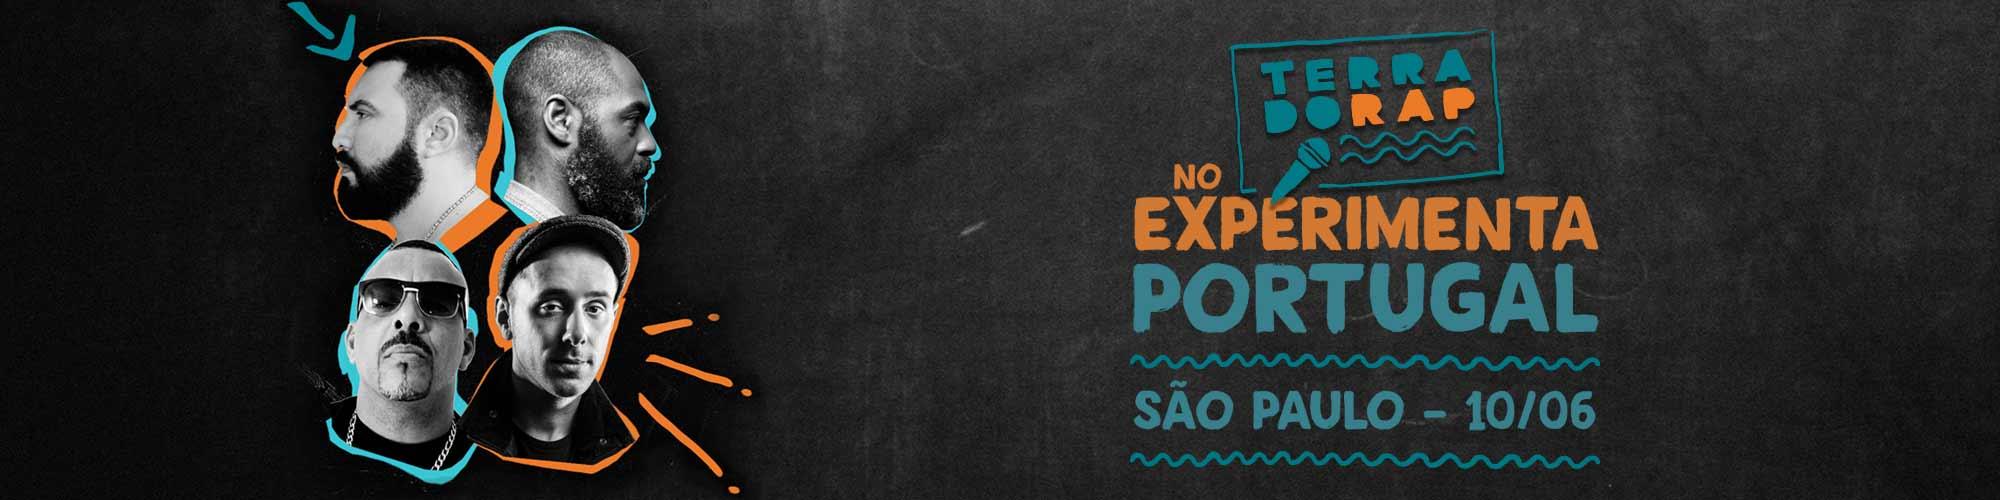 Com Vinicius Terra, Dexter, NBC e Keso, festival gratuito Terra do Rap acontece em 10 de junho (até 10/06, às 17h)